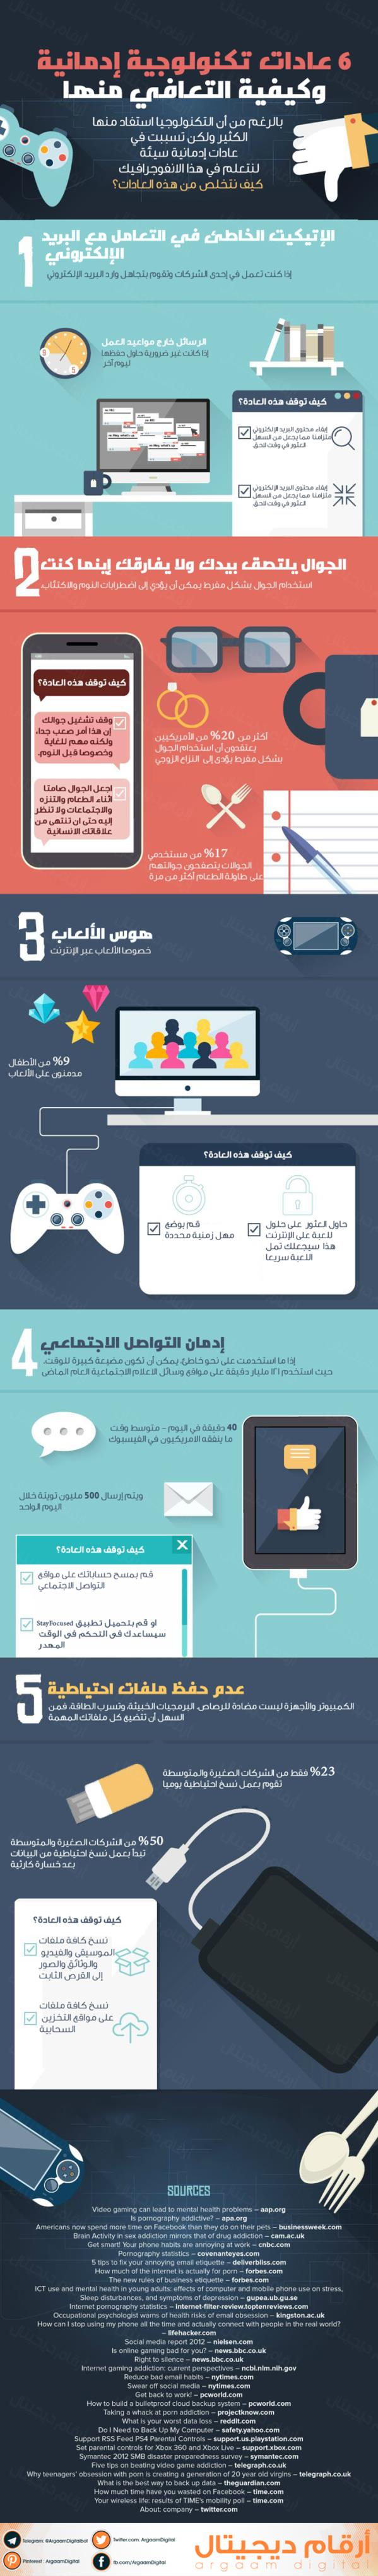 انفوجرافيك عادات تكنولوجية ضارة